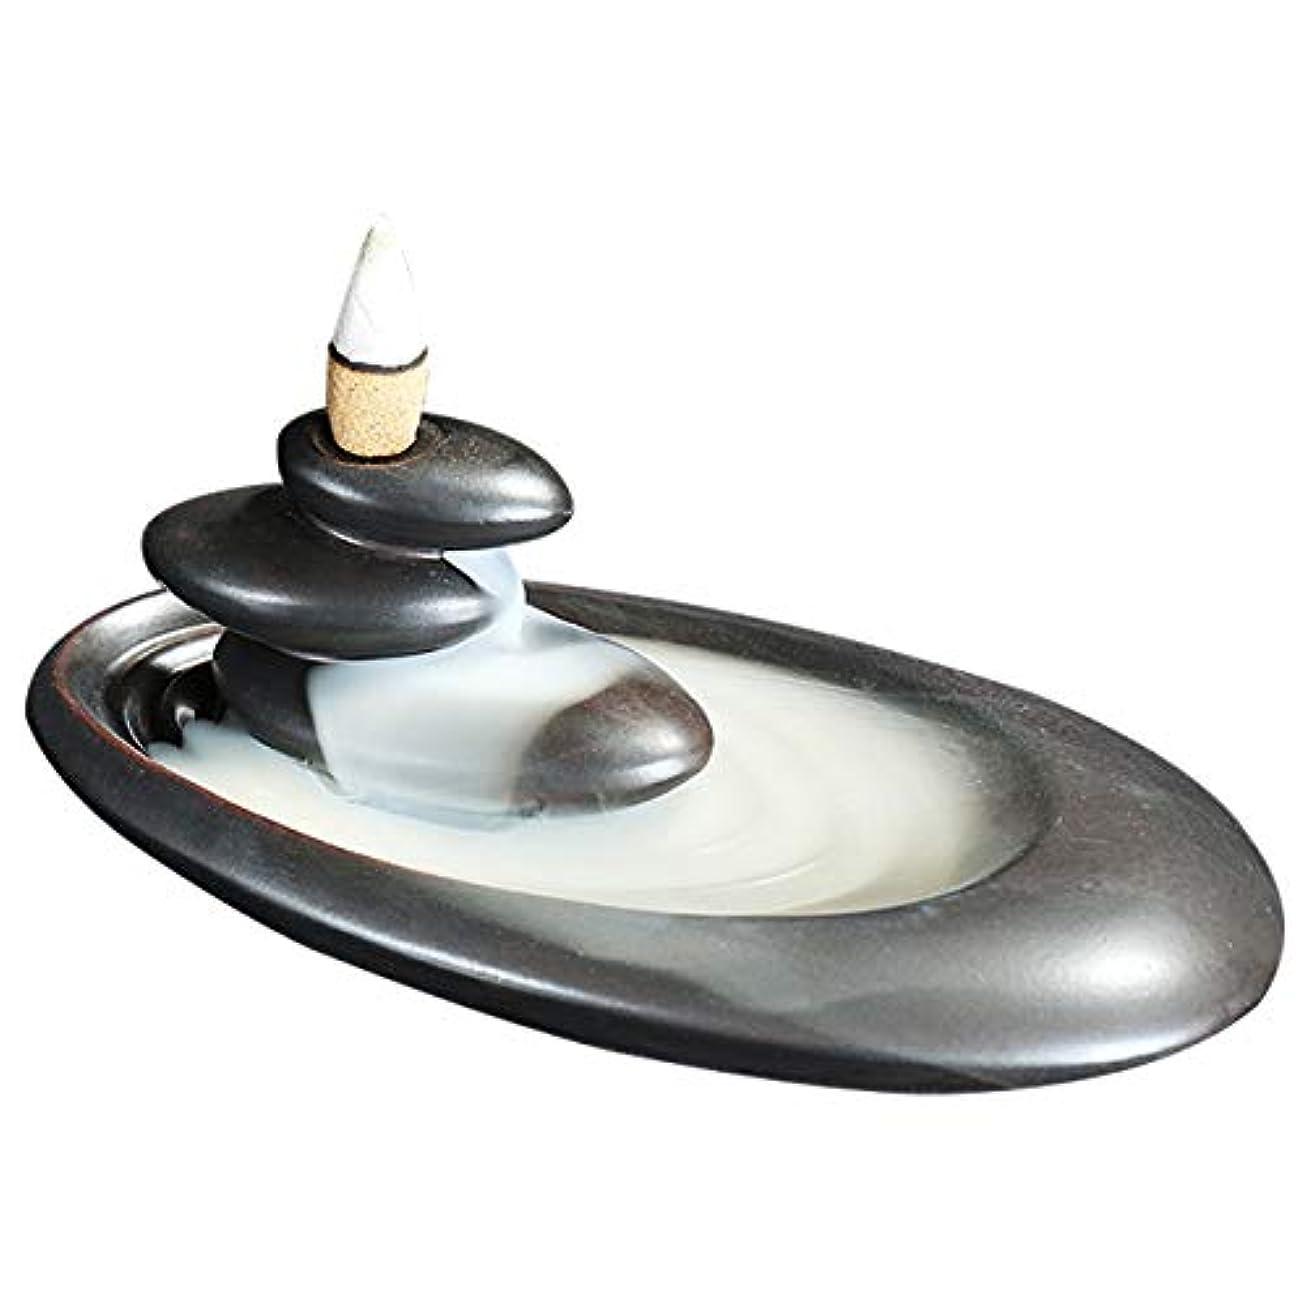 ウイルス誤って同化フェリモア 香炉 お香立て コーン アロマ 香り セラミック 陶磁器 幻想的なデザイン 気分転換に (ブラック)